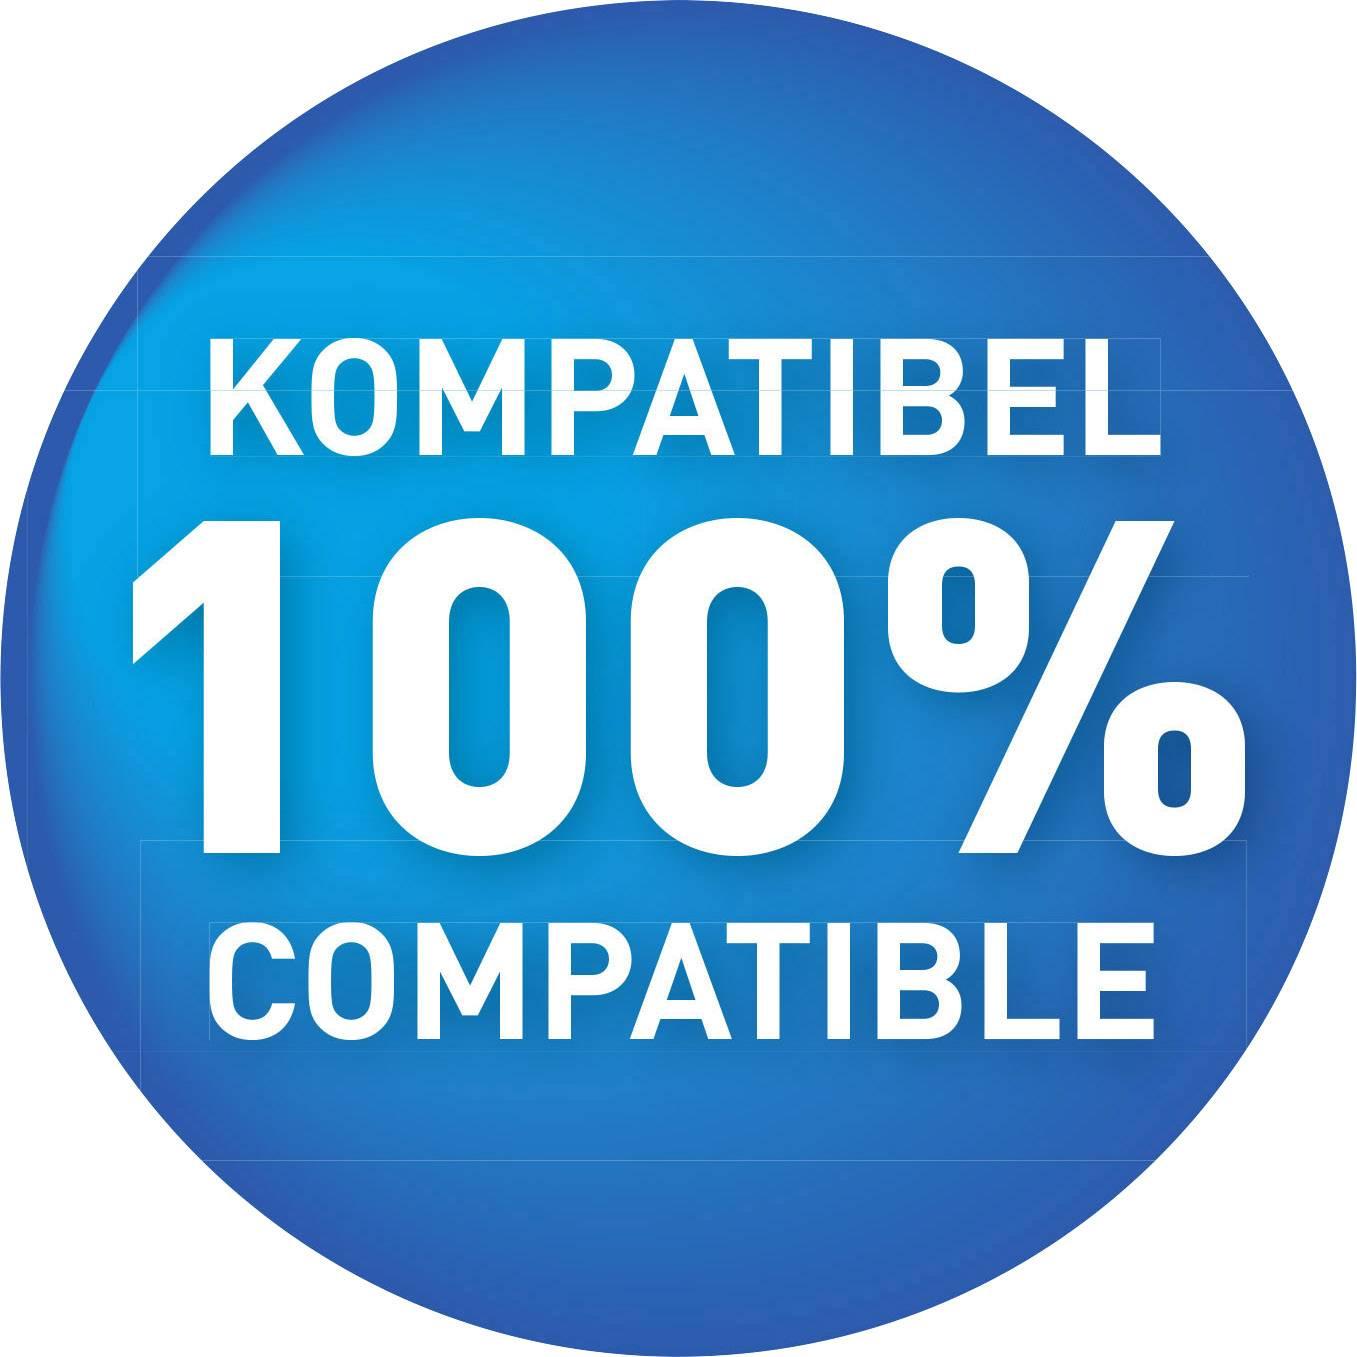 Kompatibilná náplň do tlačiarne KMP H26 1024,4343, zelenomodrá, purpurová, žltá